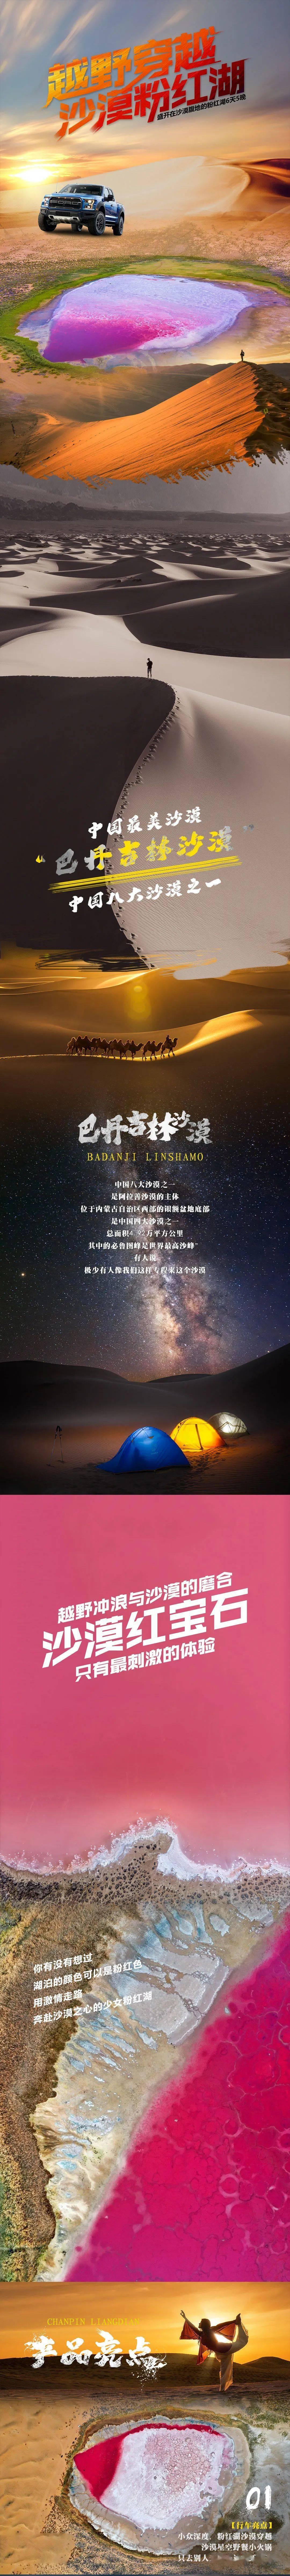 【西北粉红湖六日游】2021年穿越巴丹吉林,奔赴沙漠腹地少女之心(全年计划)